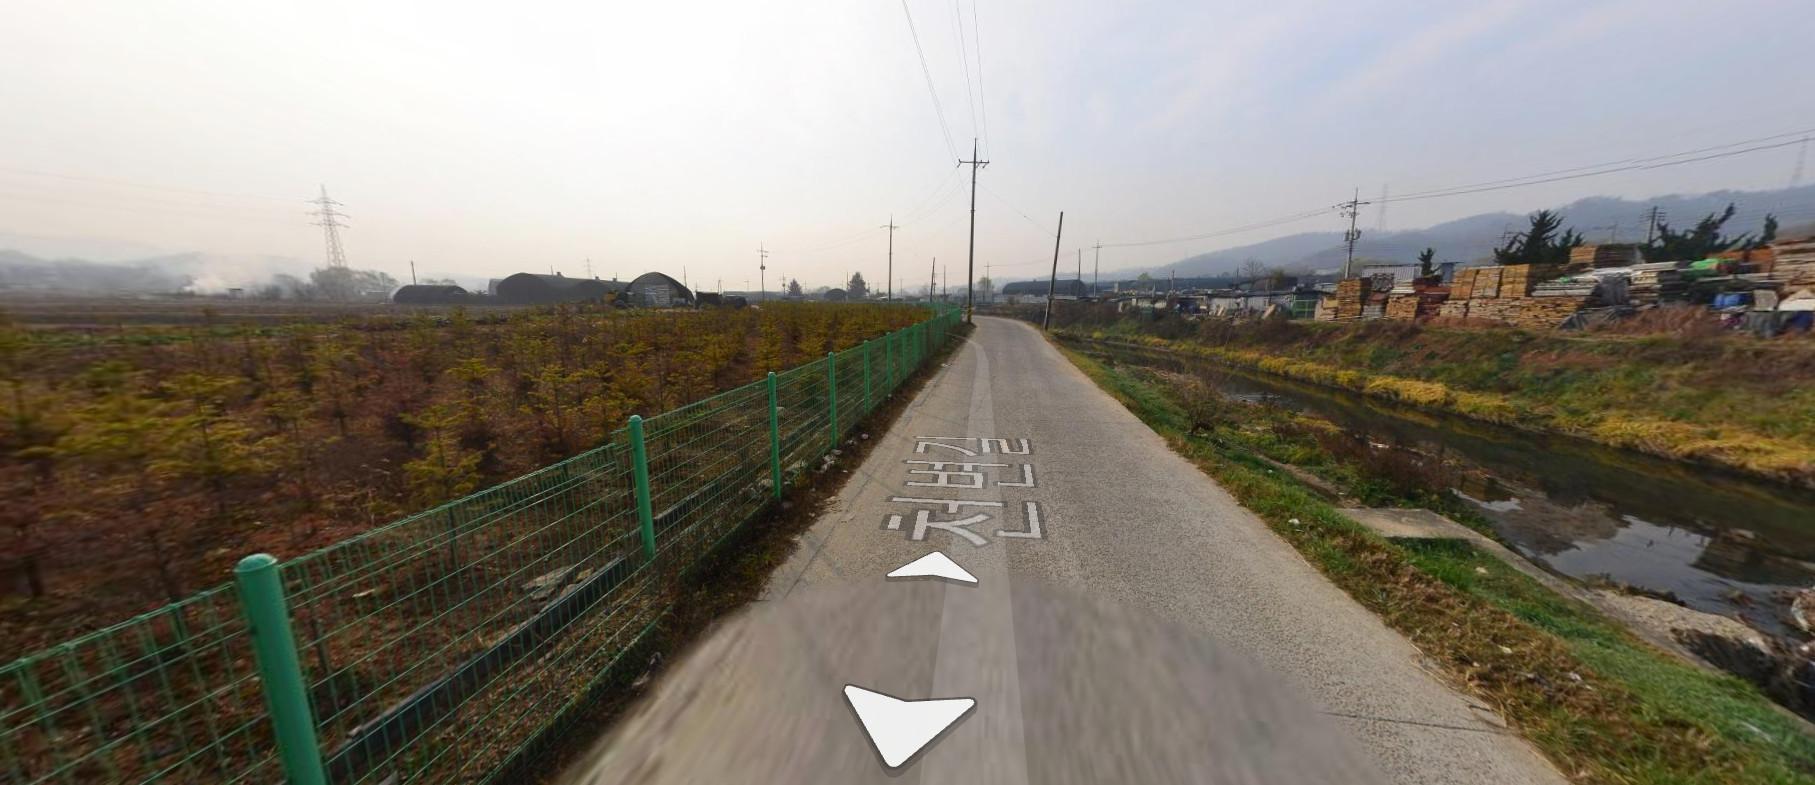 ▲▼韓國土地住宅公社職員涉嫌趁都更計畫頒布前購入7千坪土地,圖為光明市、始興市交界處。(圖/翻攝自Naver Map)